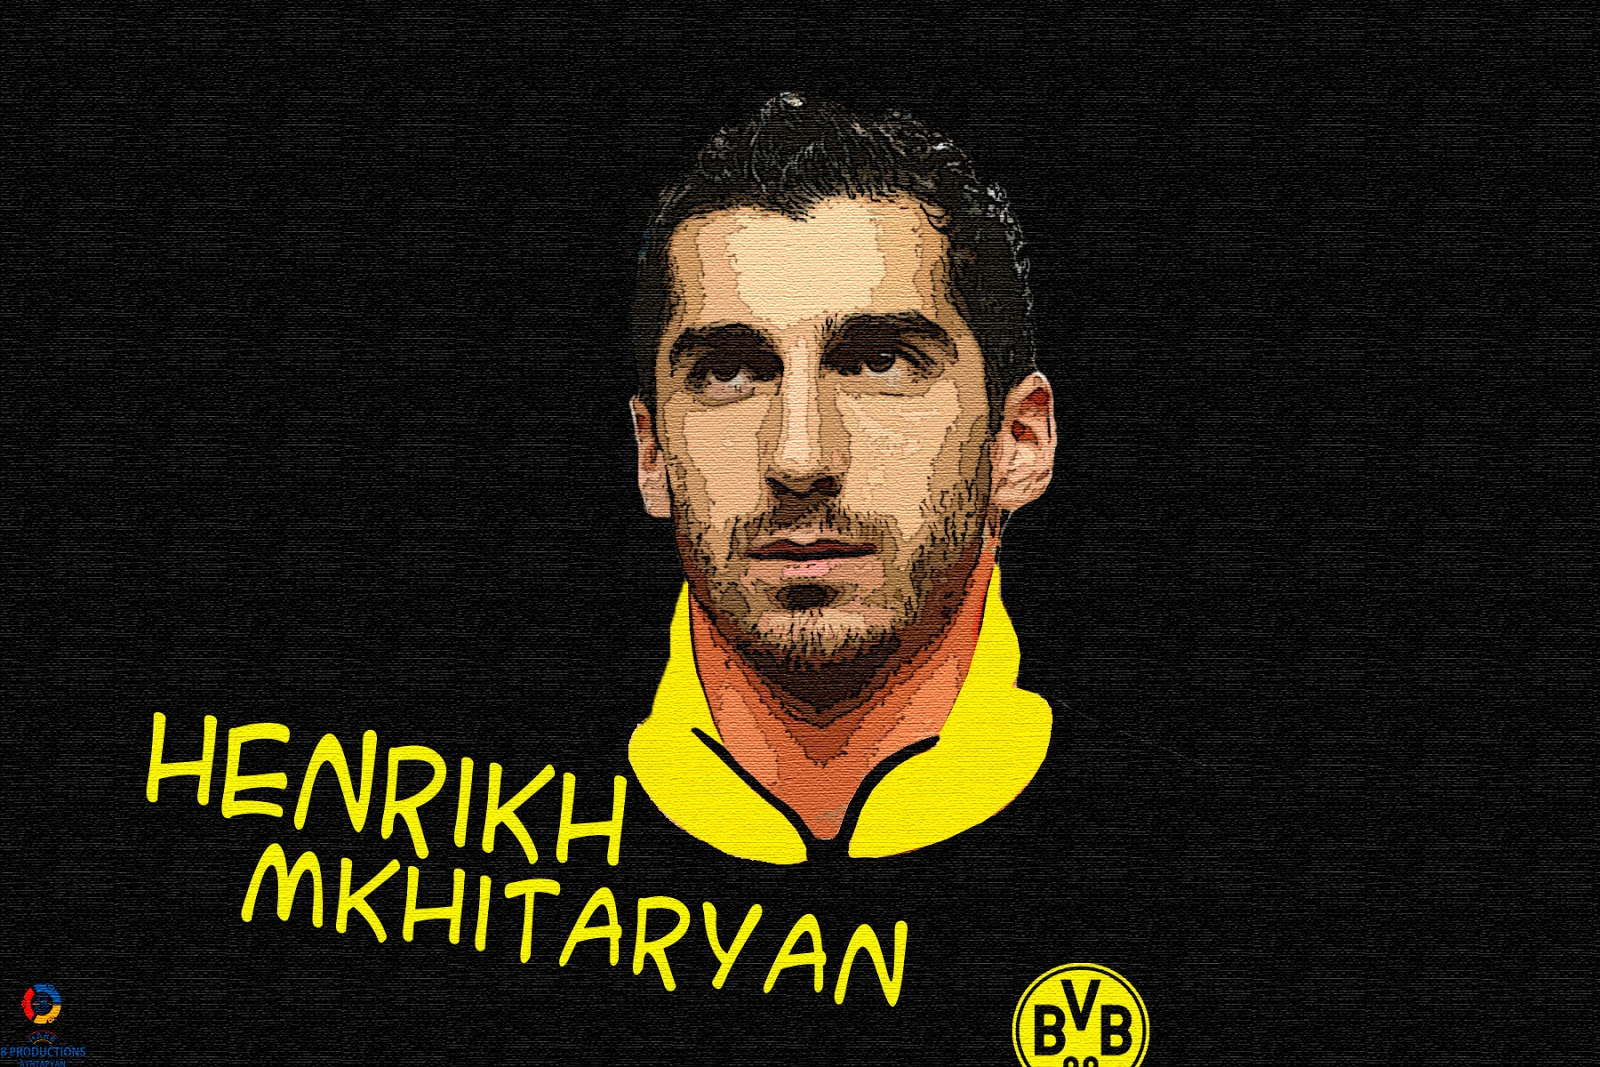 bvb mkhitaryan